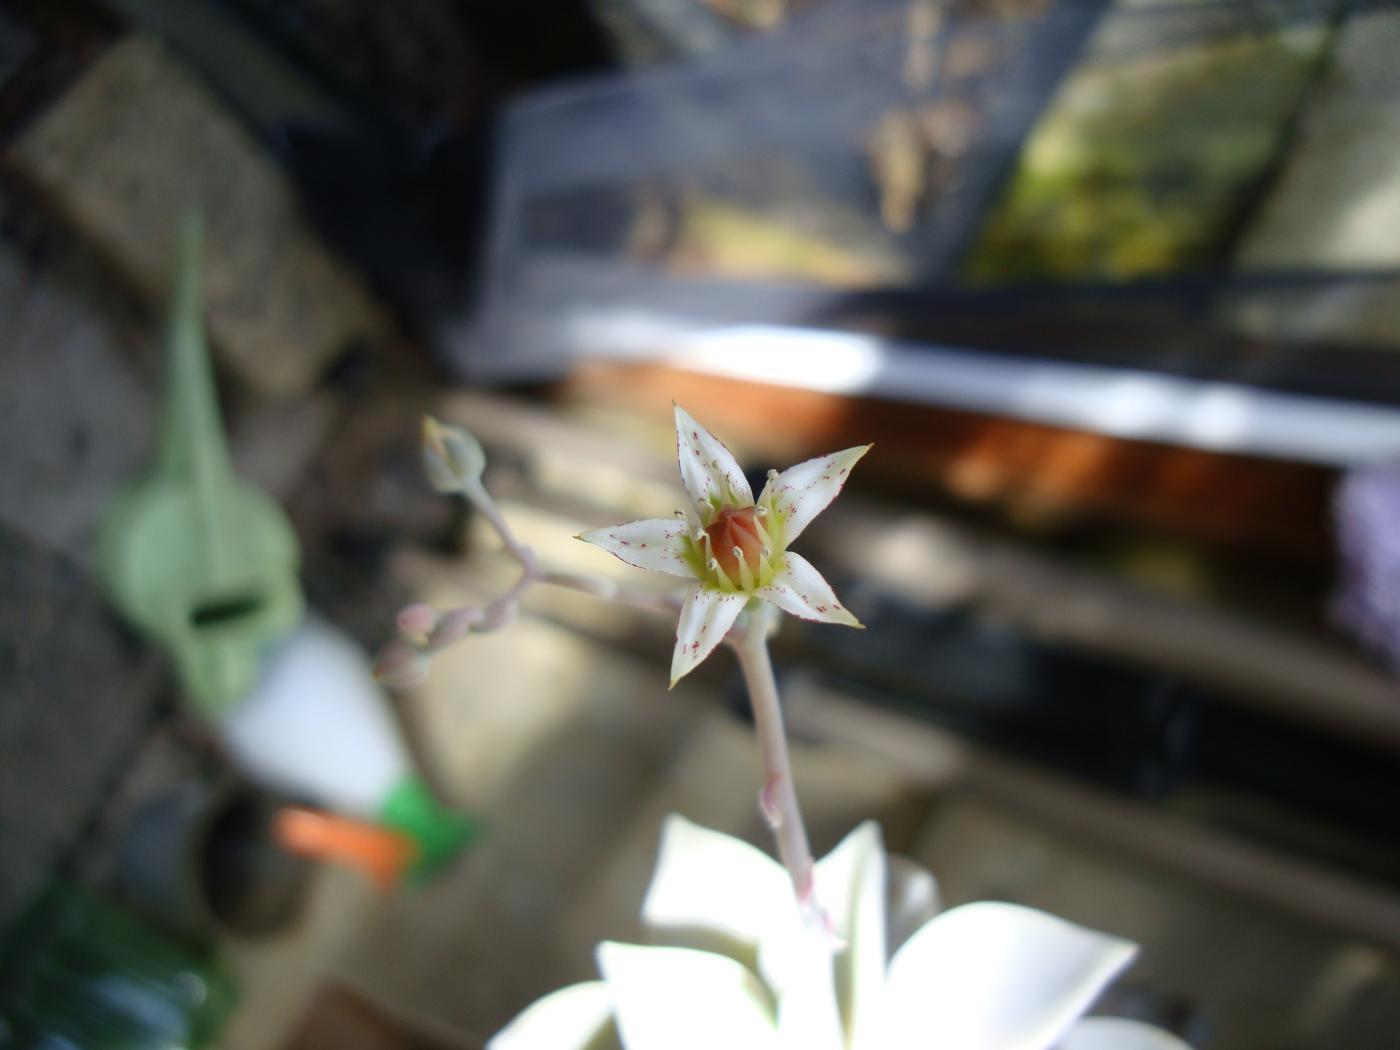 Graptopetalum-paraguayensis-324-1_20130702-1243.jpeg